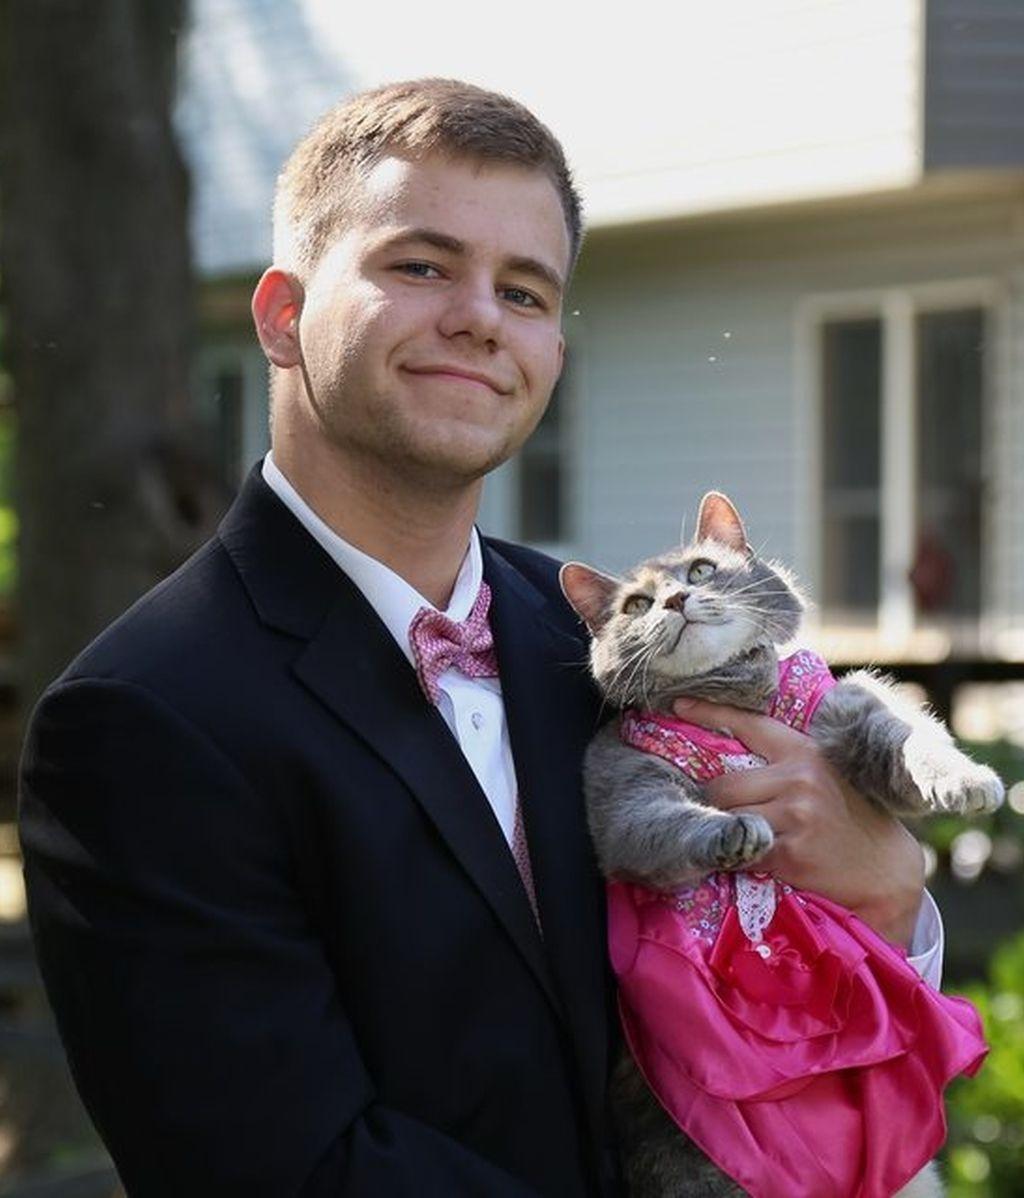 Un joven va con su gato a la graduación